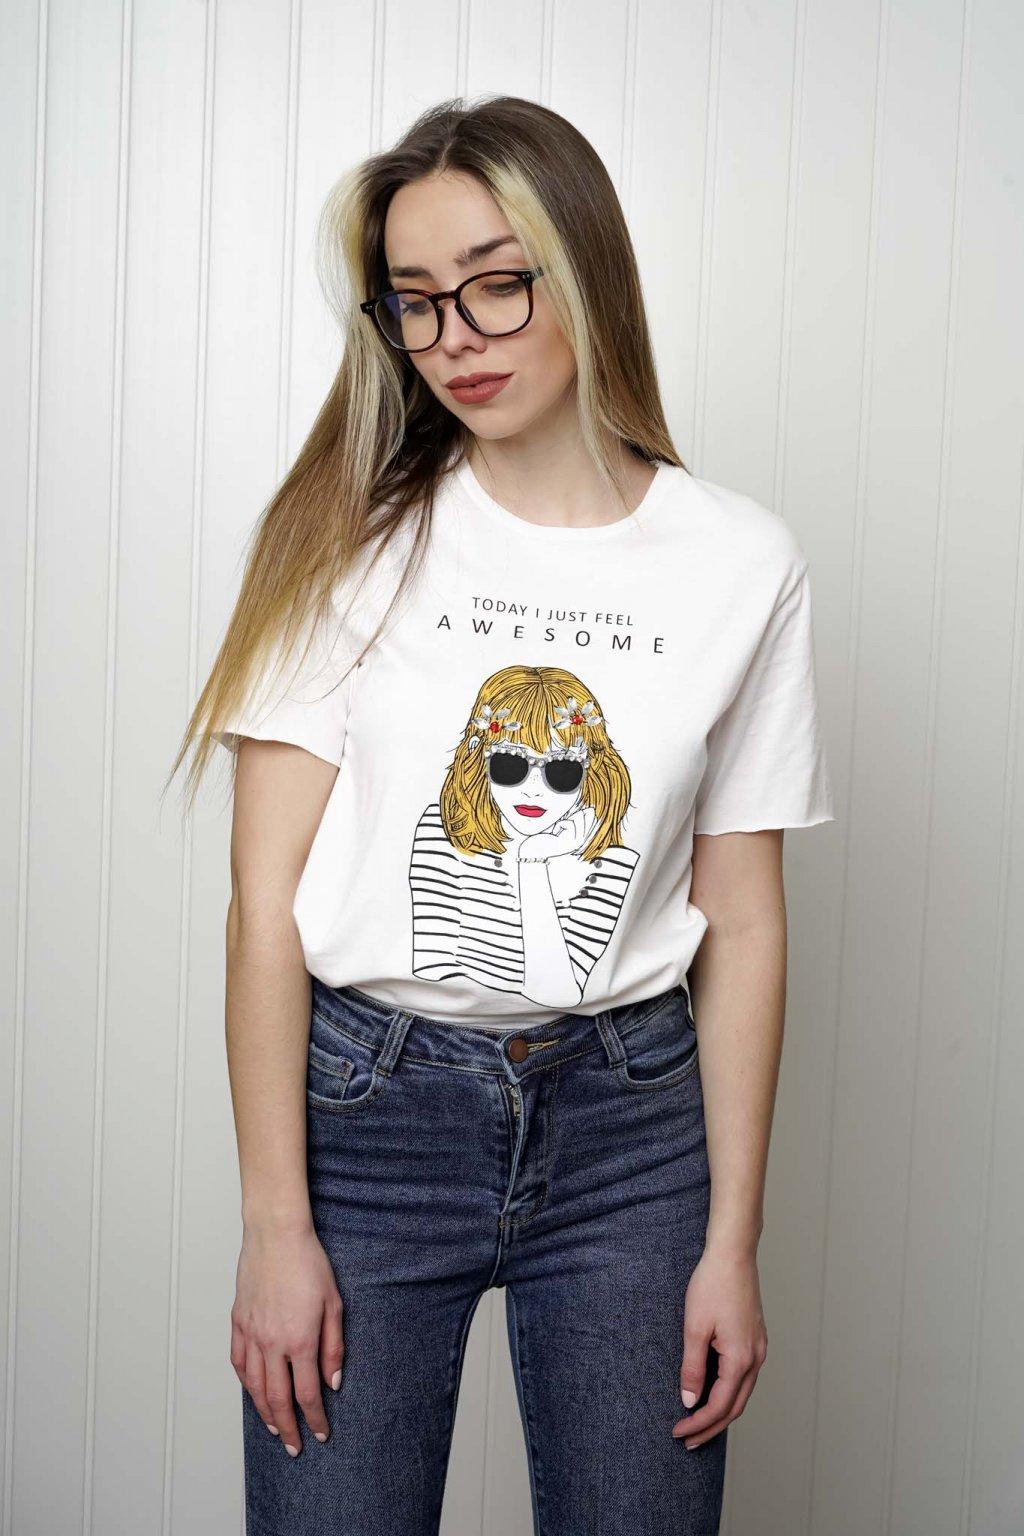 tričko, tričkové šaty, biele, čierne, žlté, vzorované, potlač, vyšívané, nášivky, fialové, street style, 149